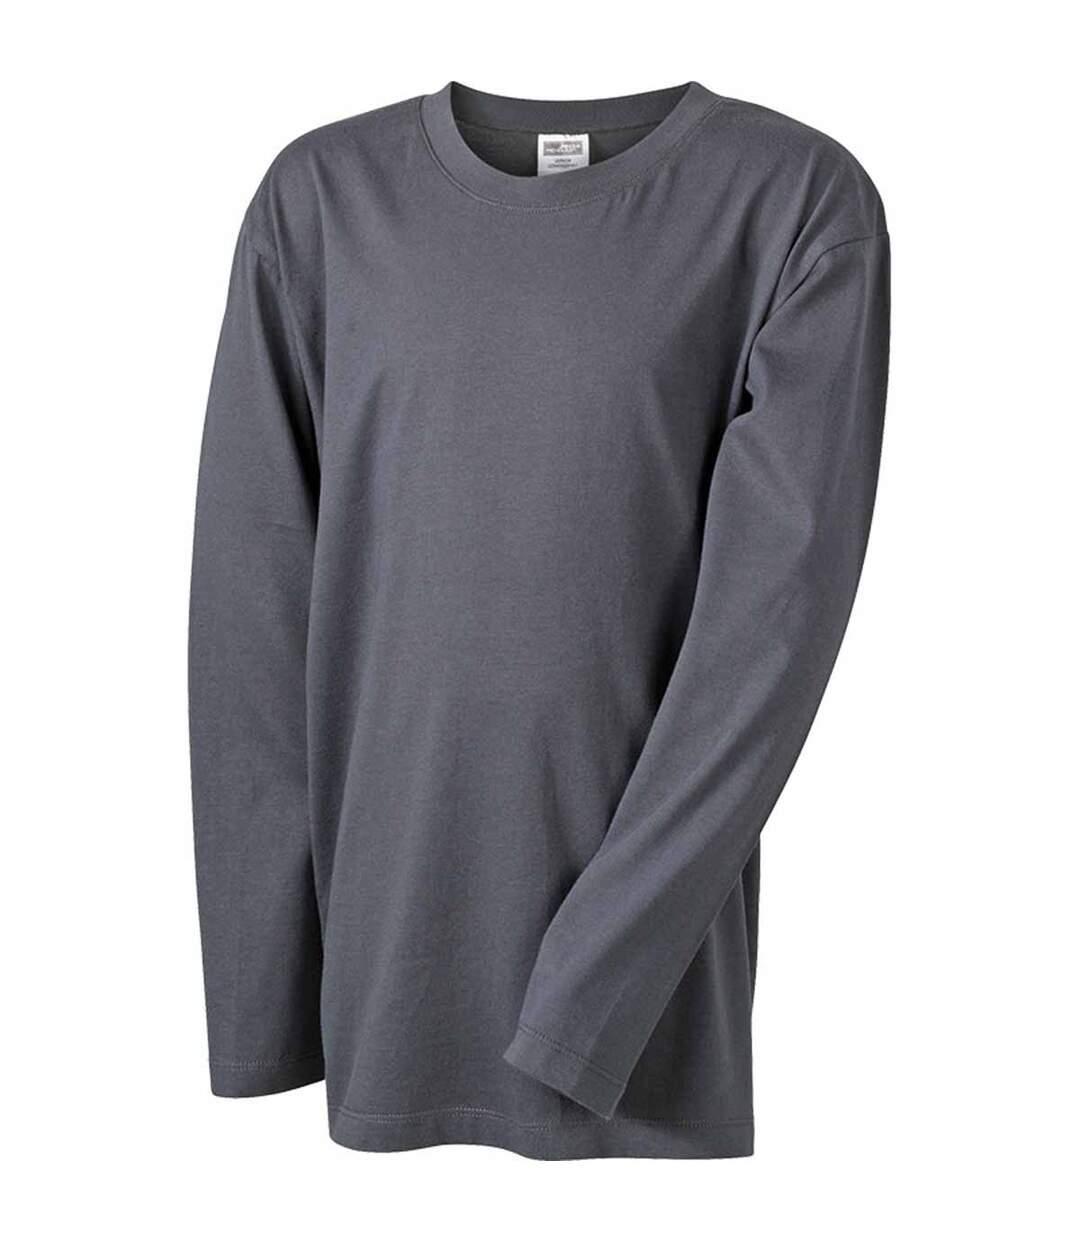 T-shirt manches longues adulte homme coupe droite JN913 - gris graphite